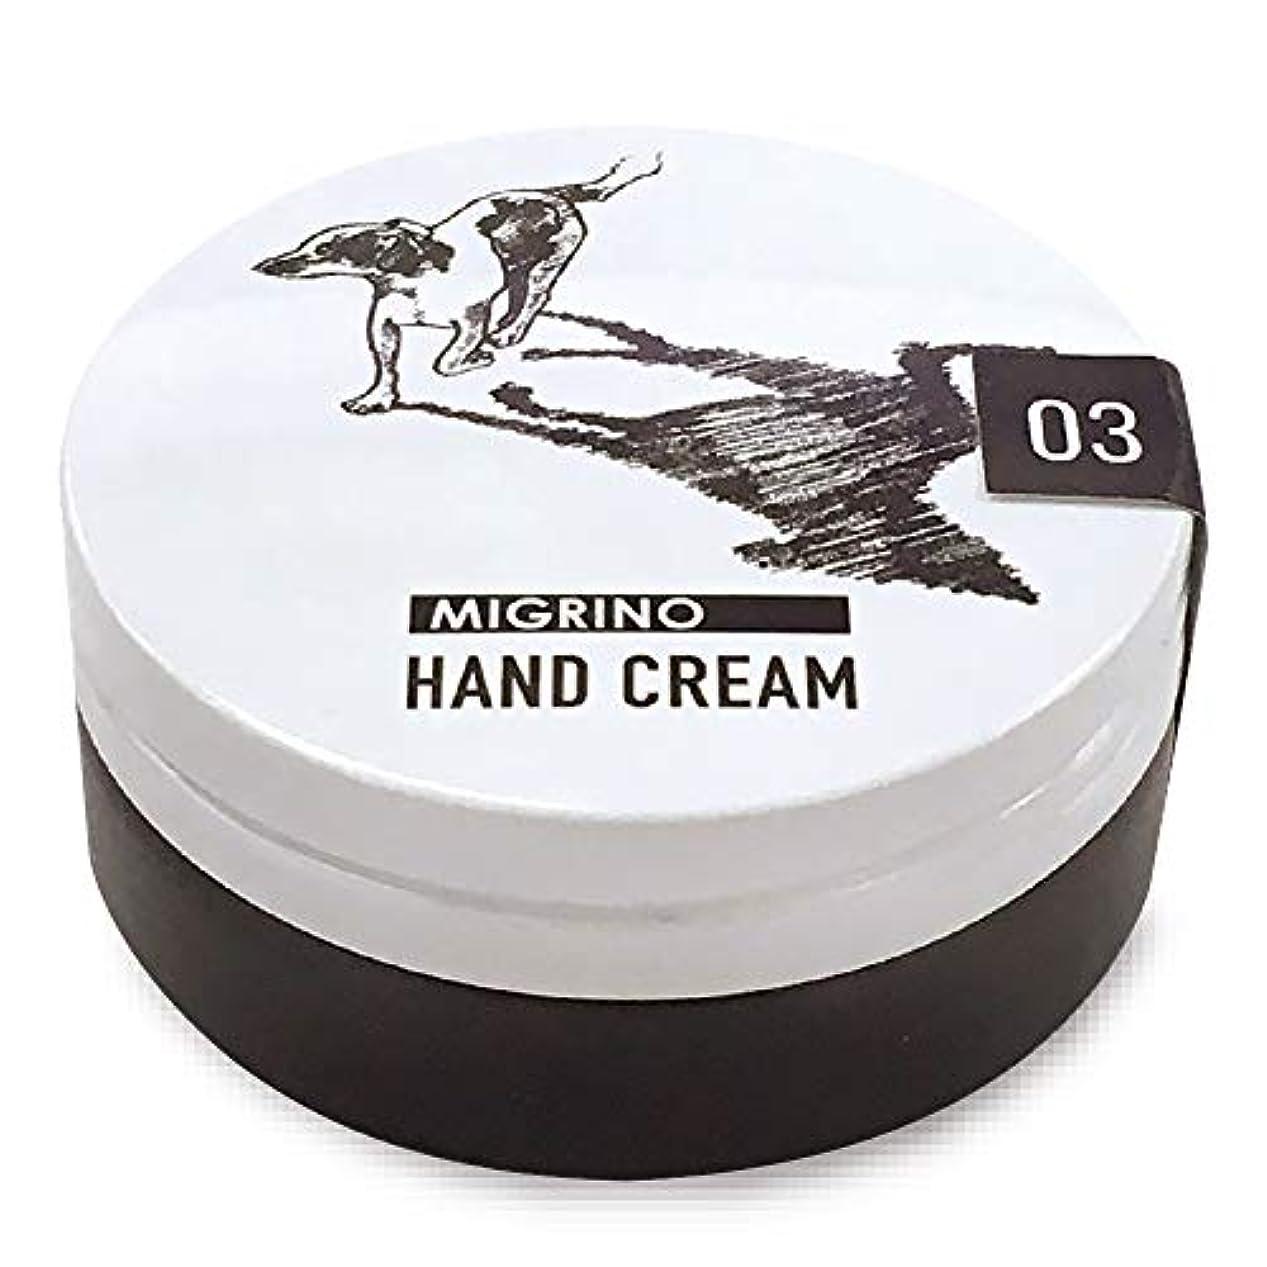 光住むジャムノルコーポレーション ハンドクリーム PADROL 保湿成分配合 日本製 ベルガモットの香り 60g PAD-9-03